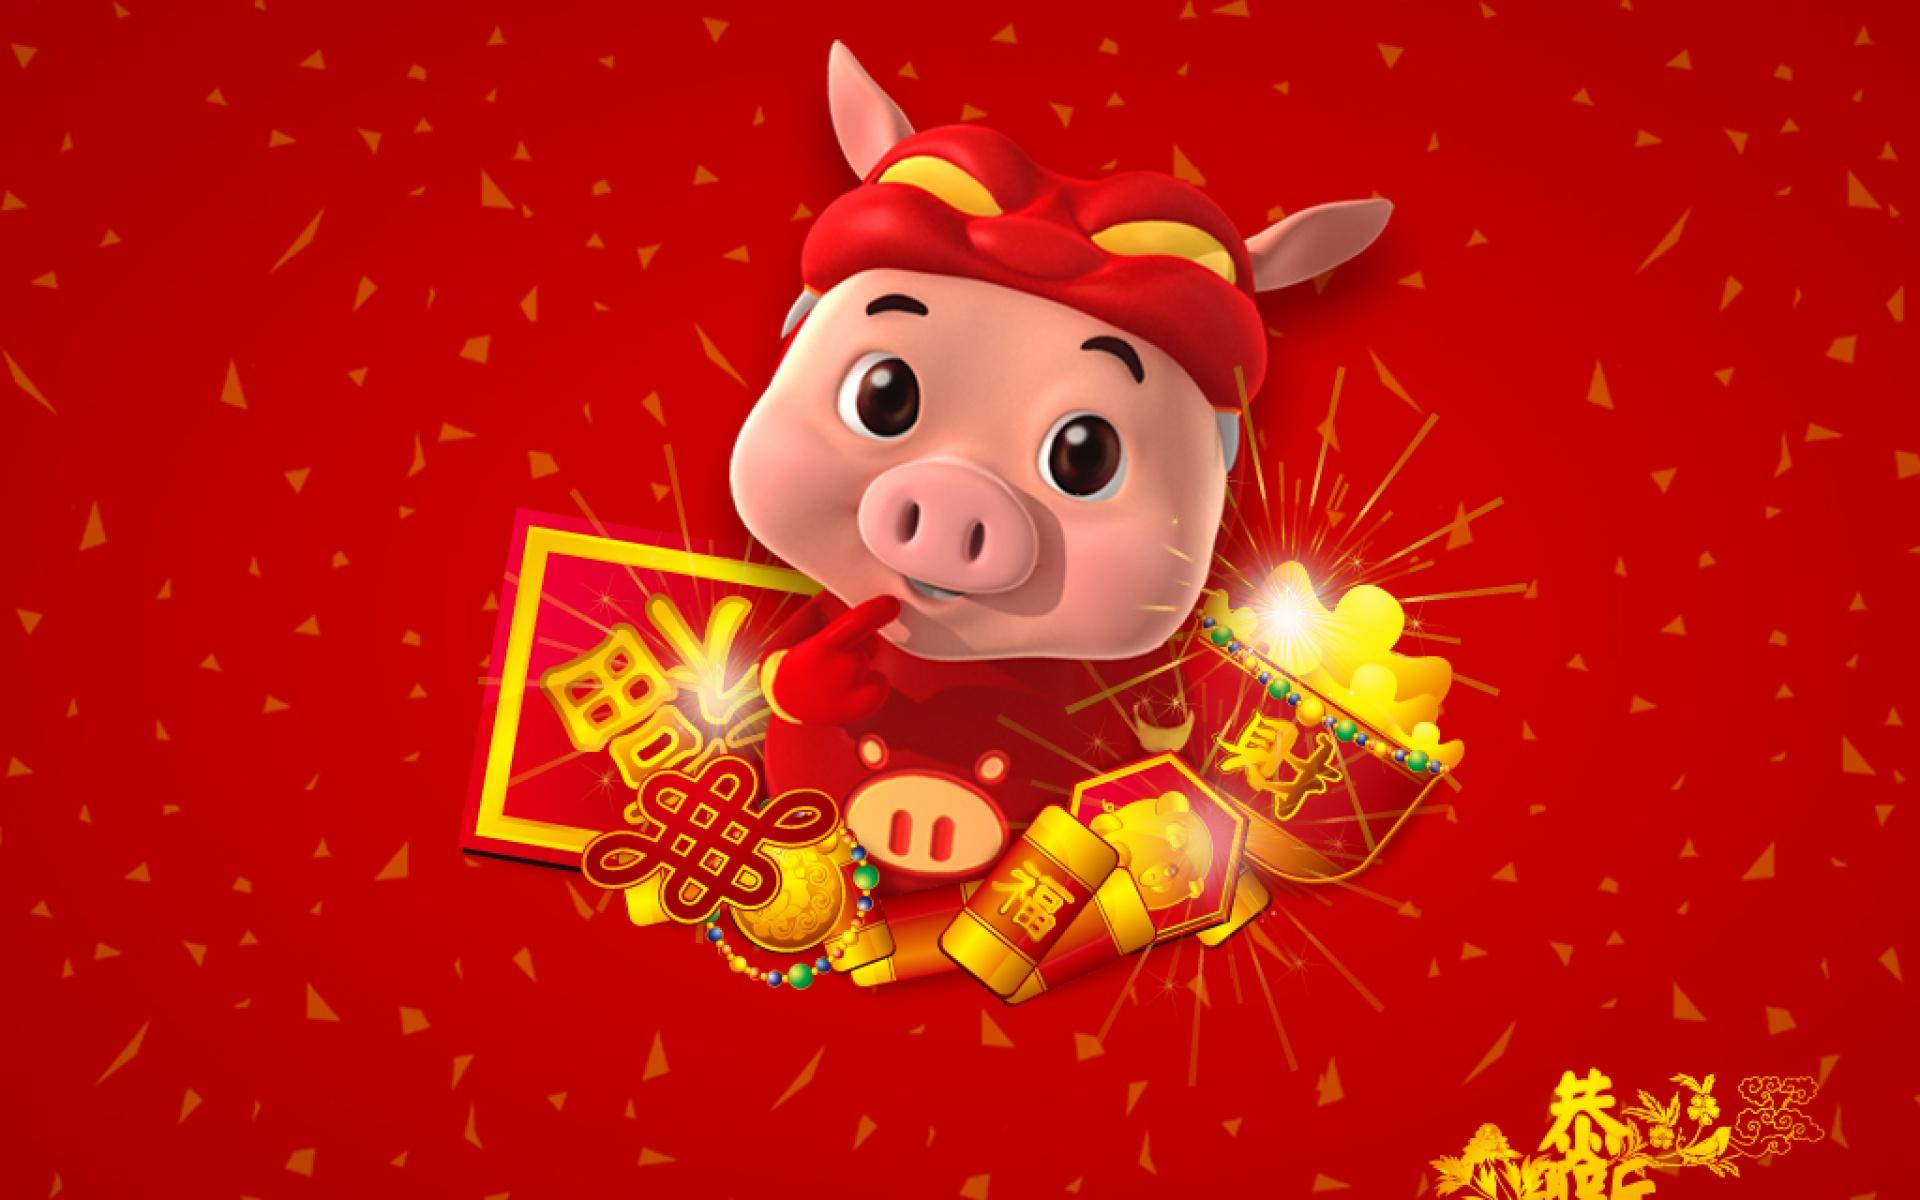 2019年春节美满温馨的拜年祝福语大全,简短有文采,超喜庆!